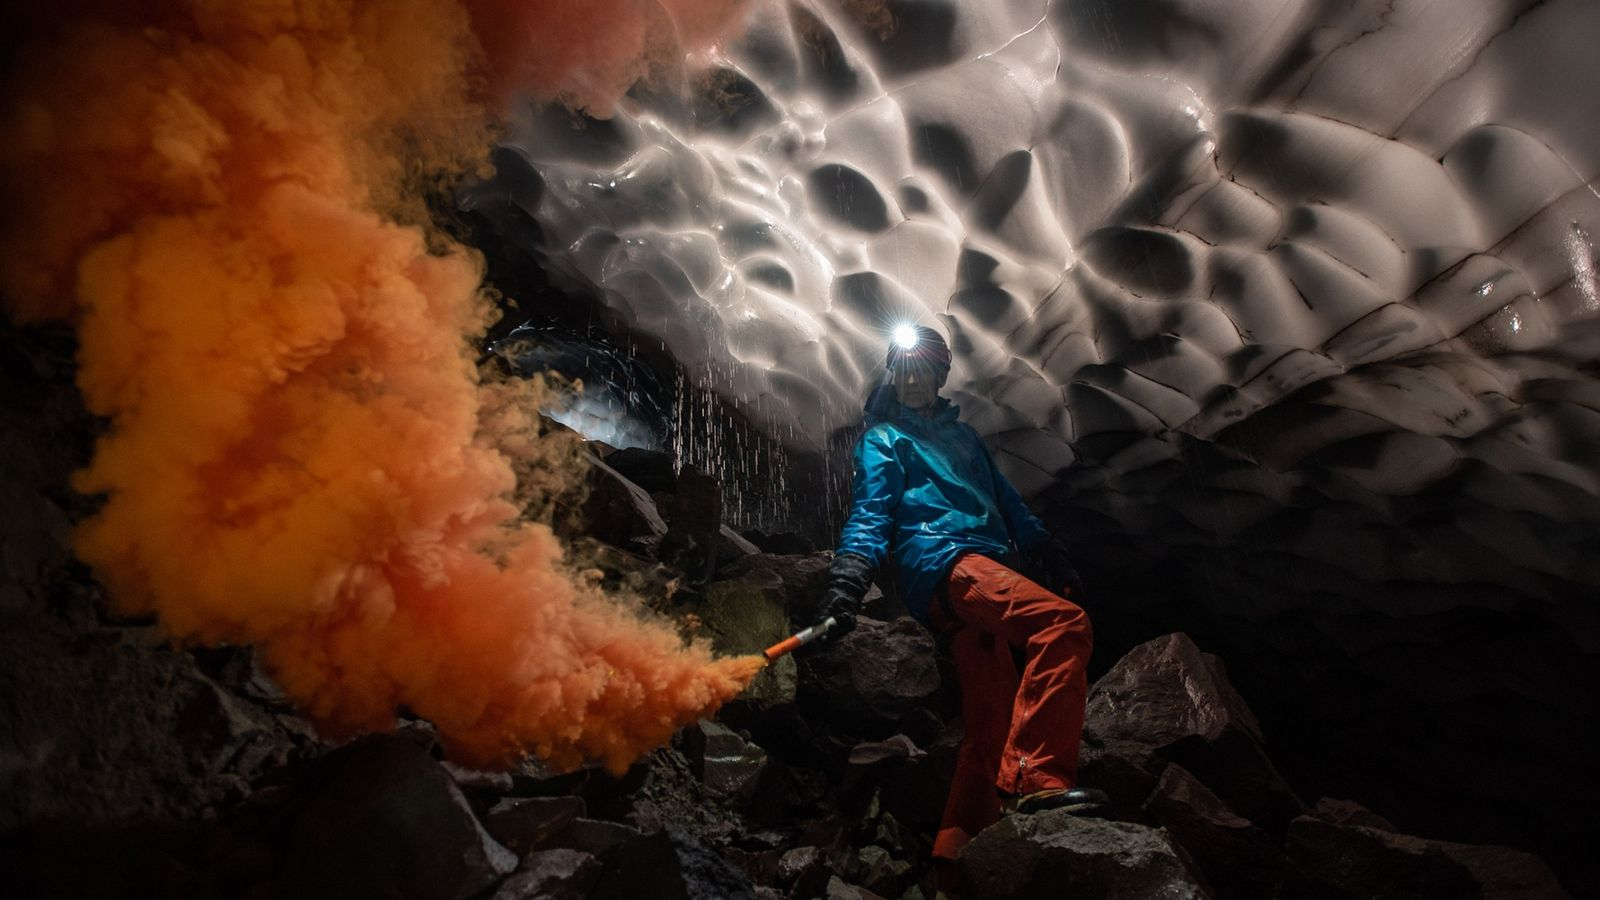 Der Wissenschaftler Andreas Pflitsch von der deutschen Ruhr-Universität entzündet eine Rauchfackel in der Mothera-Gletscherhöhle im Krater ...